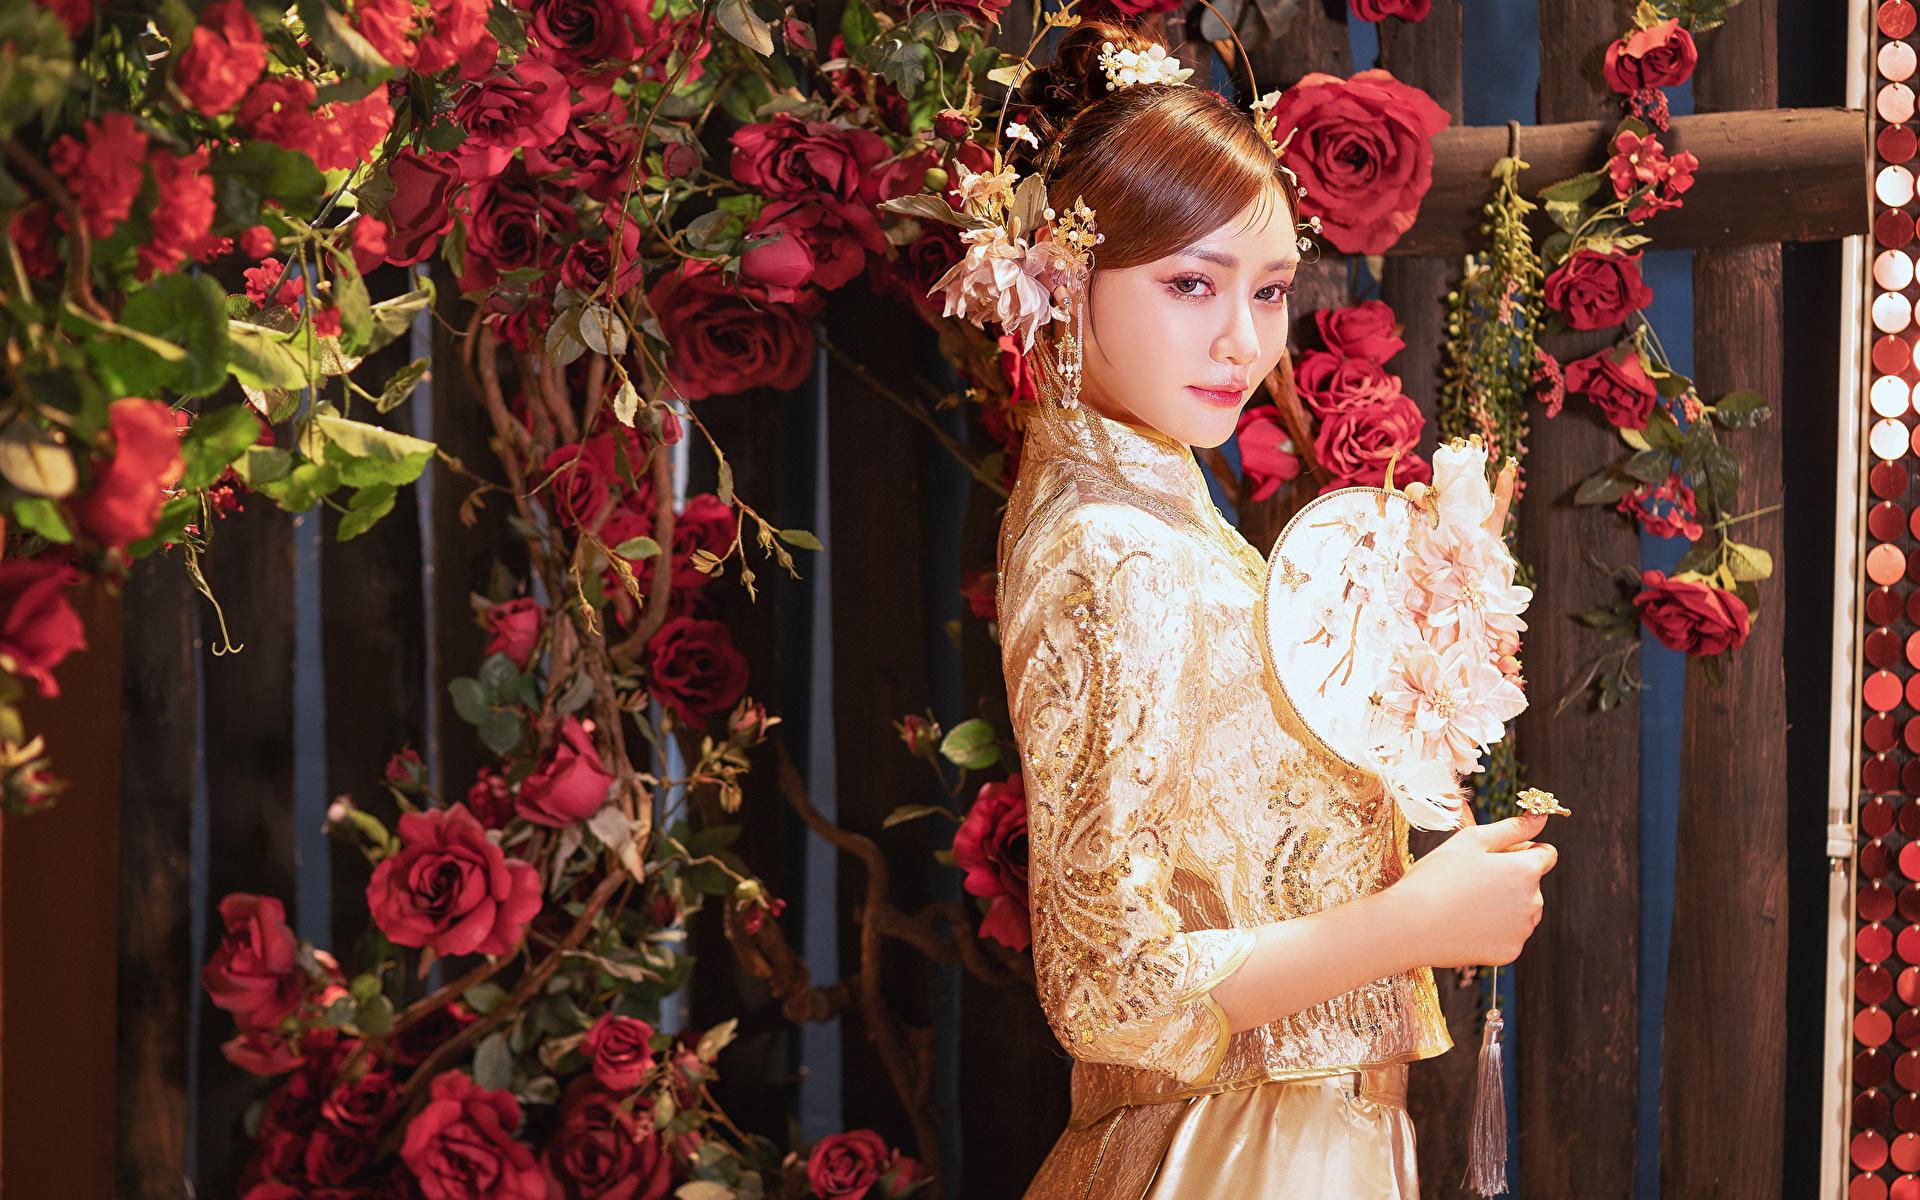 Картинка роза Девушки Азиаты Взгляд Платье Украшения 1920x1200 Розы девушка молодая женщина молодые женщины азиатки азиатка смотрит смотрят платья